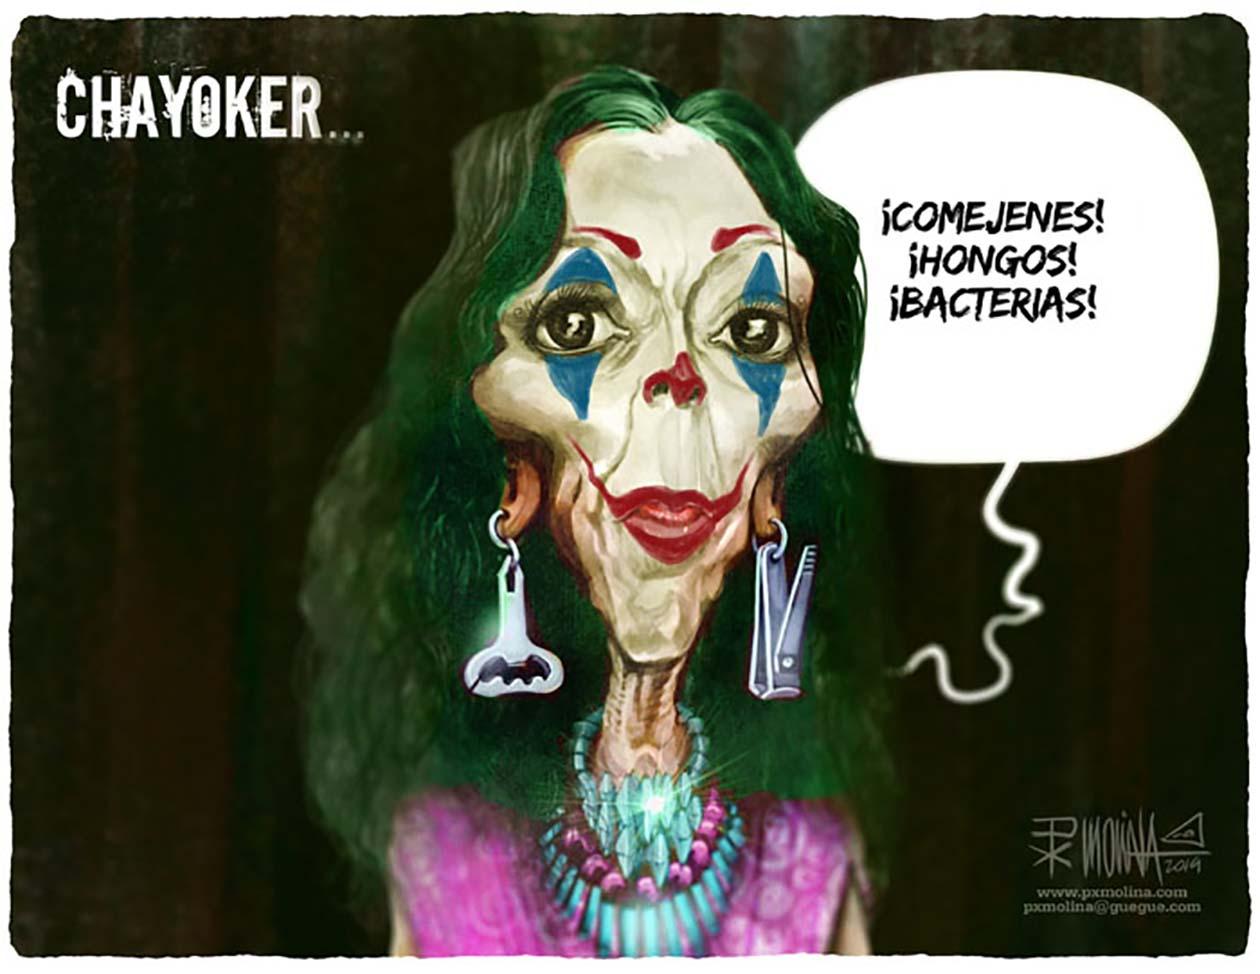 #ChayokerChallenge